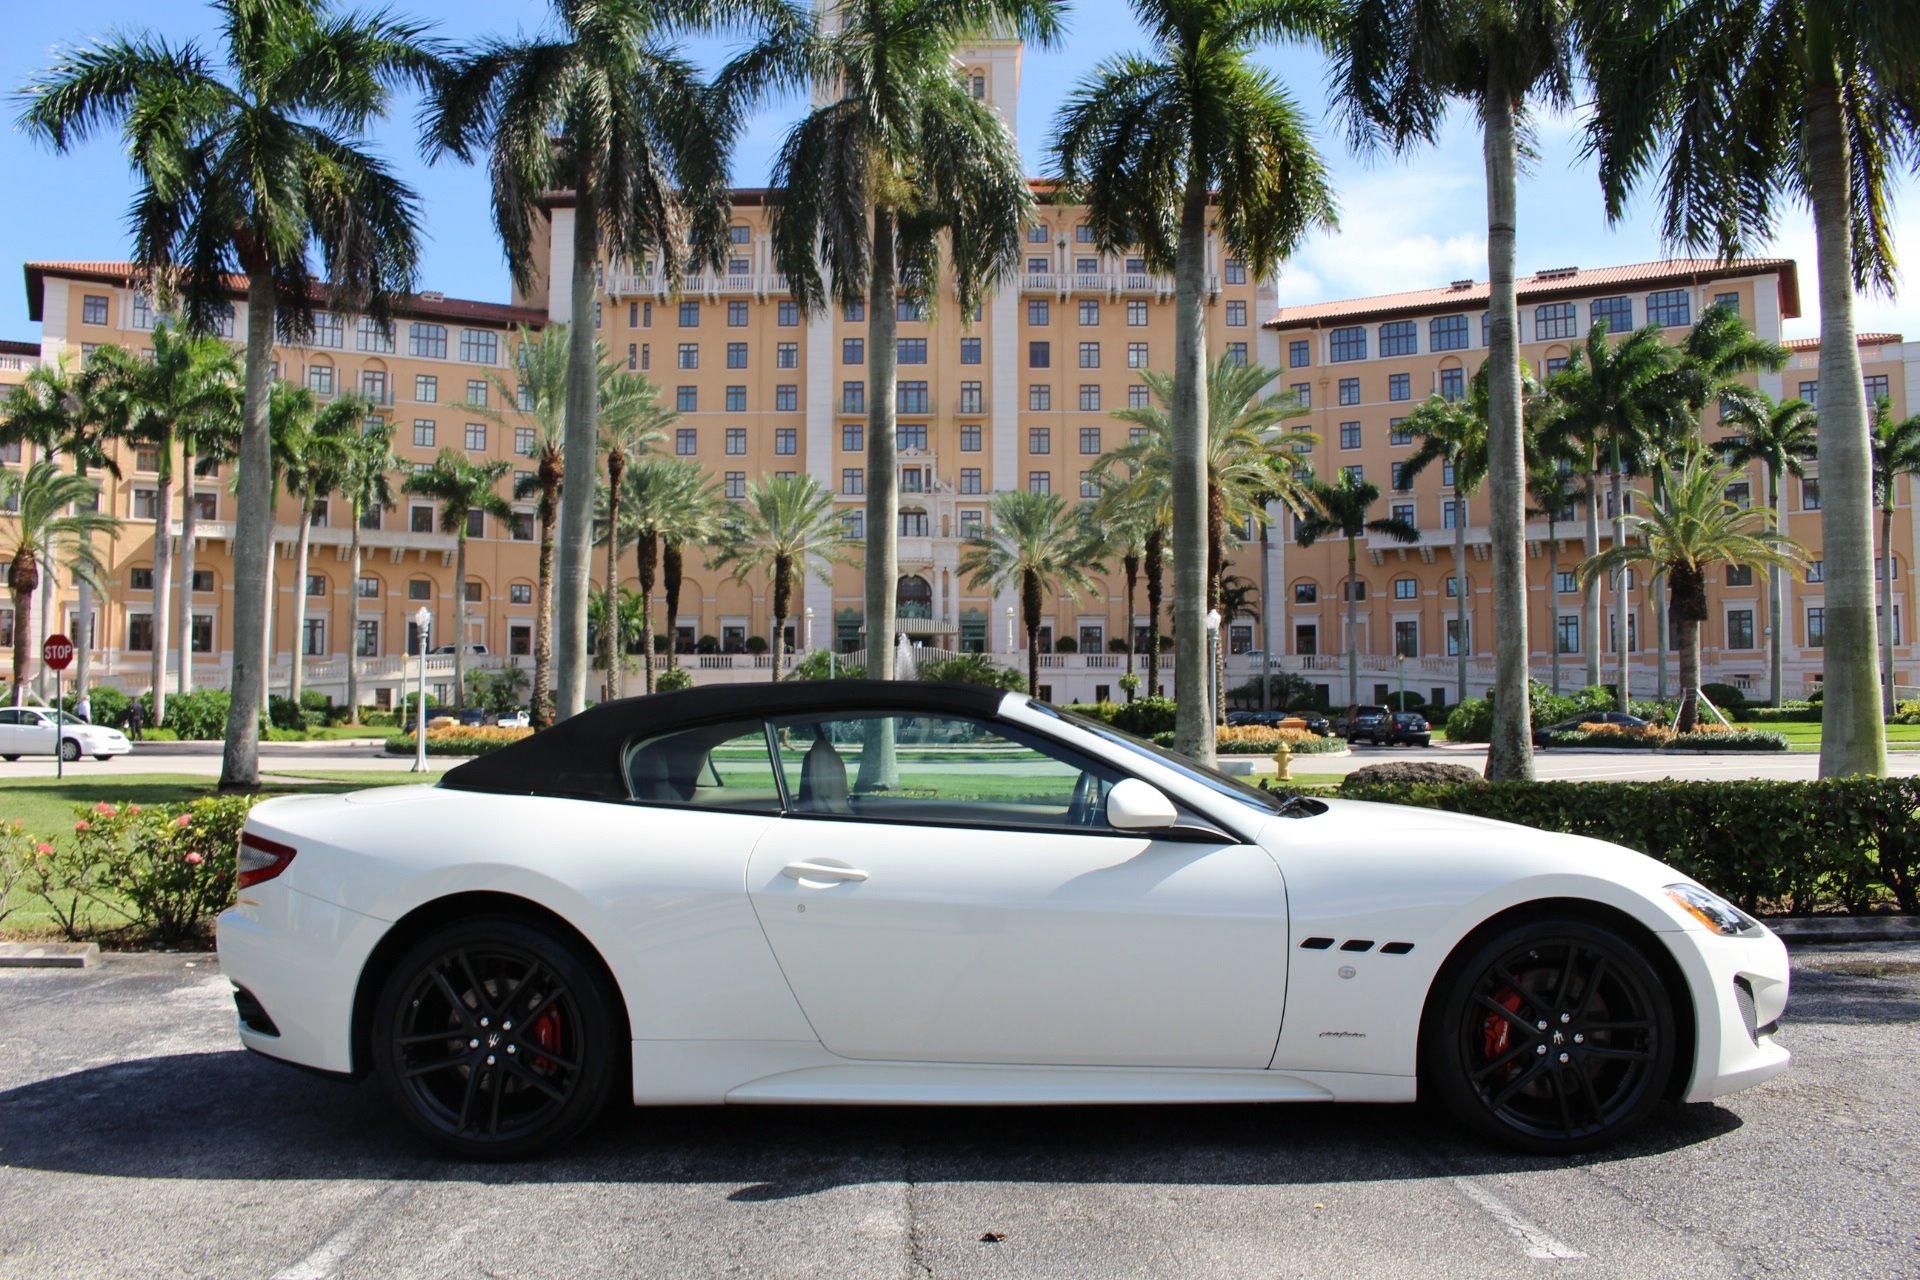 Used 2015 Maserati GranTurismo MC Centennial for sale Sold at The Gables Sports Cars in Miami FL 33146 1